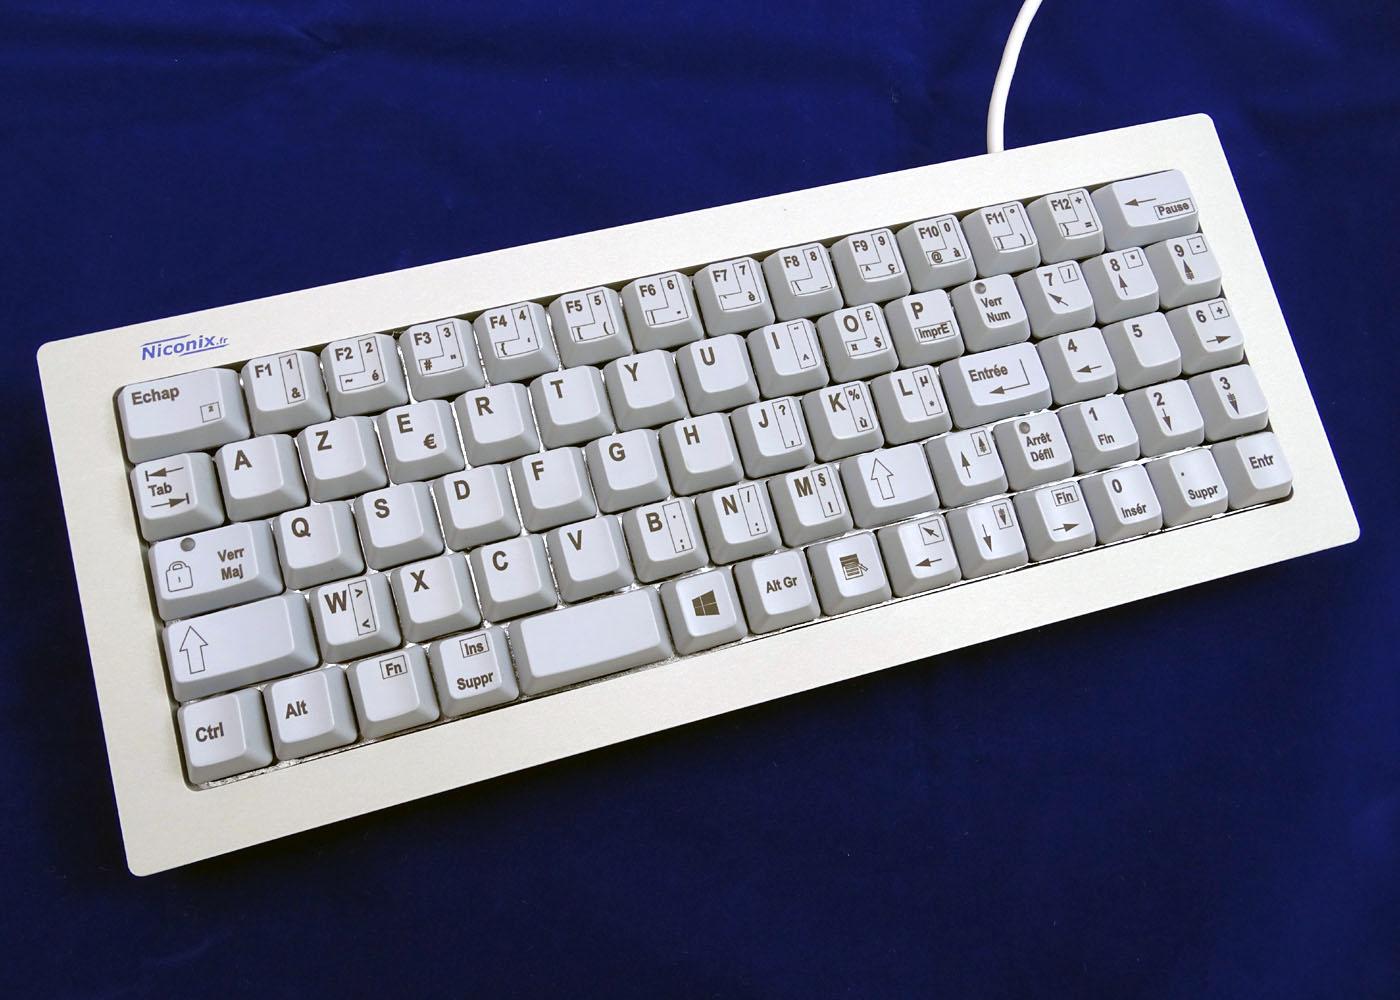 Clavier NX5600 – Vue d'ensemble